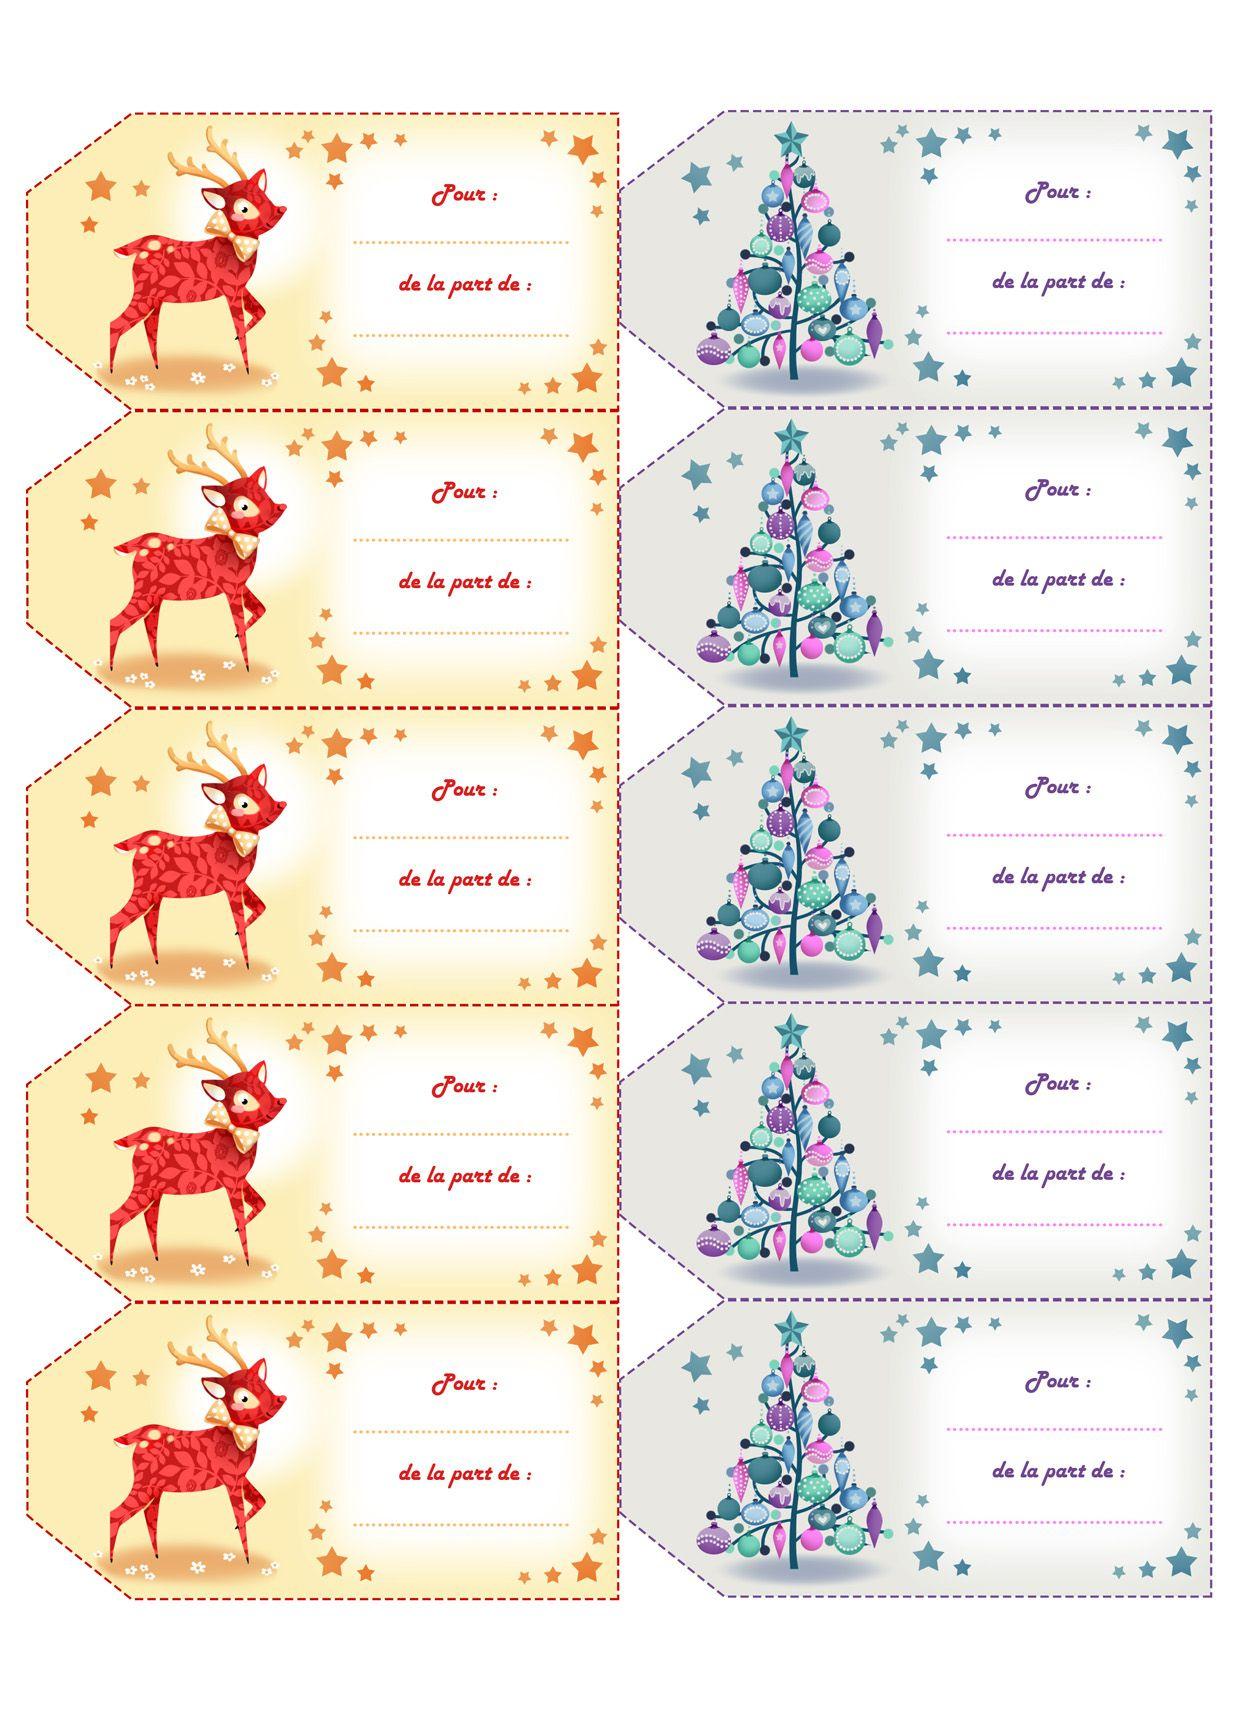 Planche Étiquettes Gratuites À Imprimer Gl68 | Jornalagora dedans Etiquette Cadeau Noel A Imprimer Gratuitement